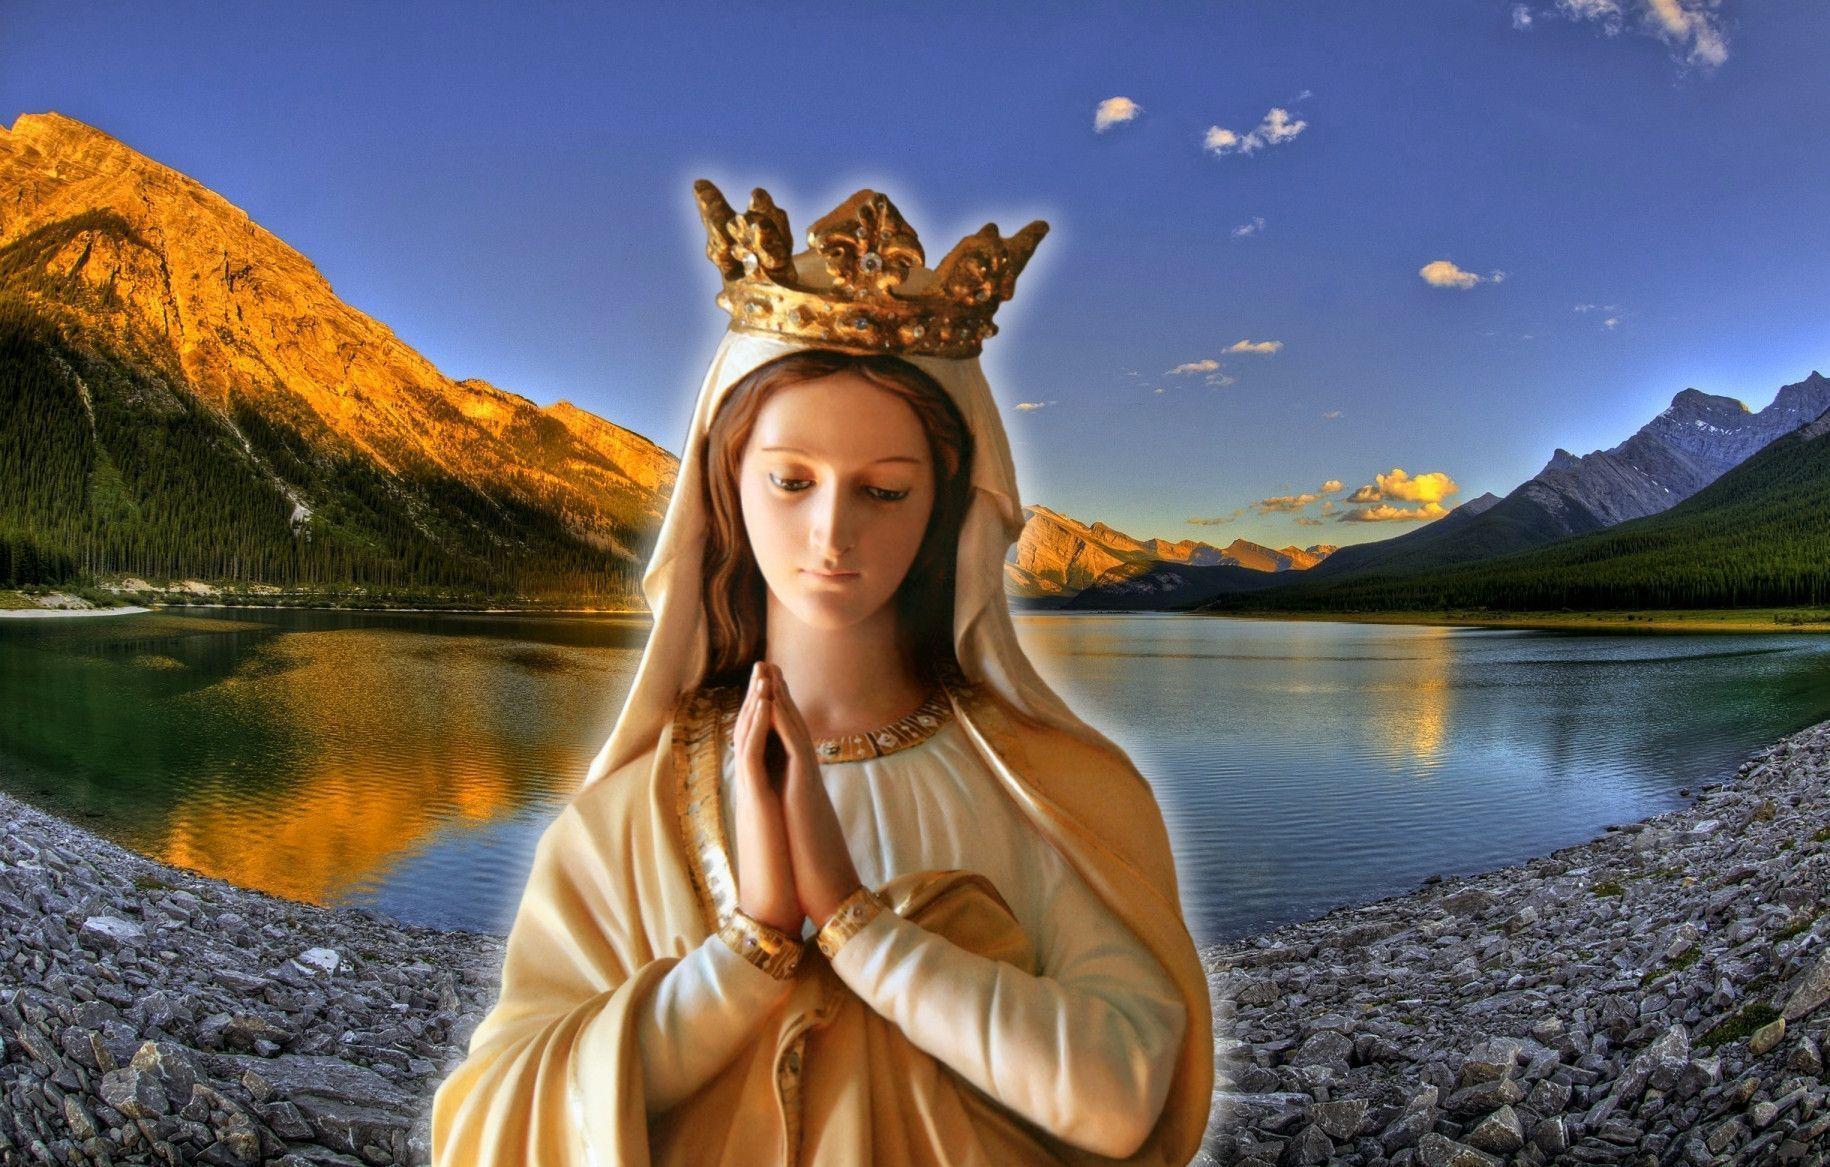 ... ảnh Công giáo đẹp. tai anh Maria